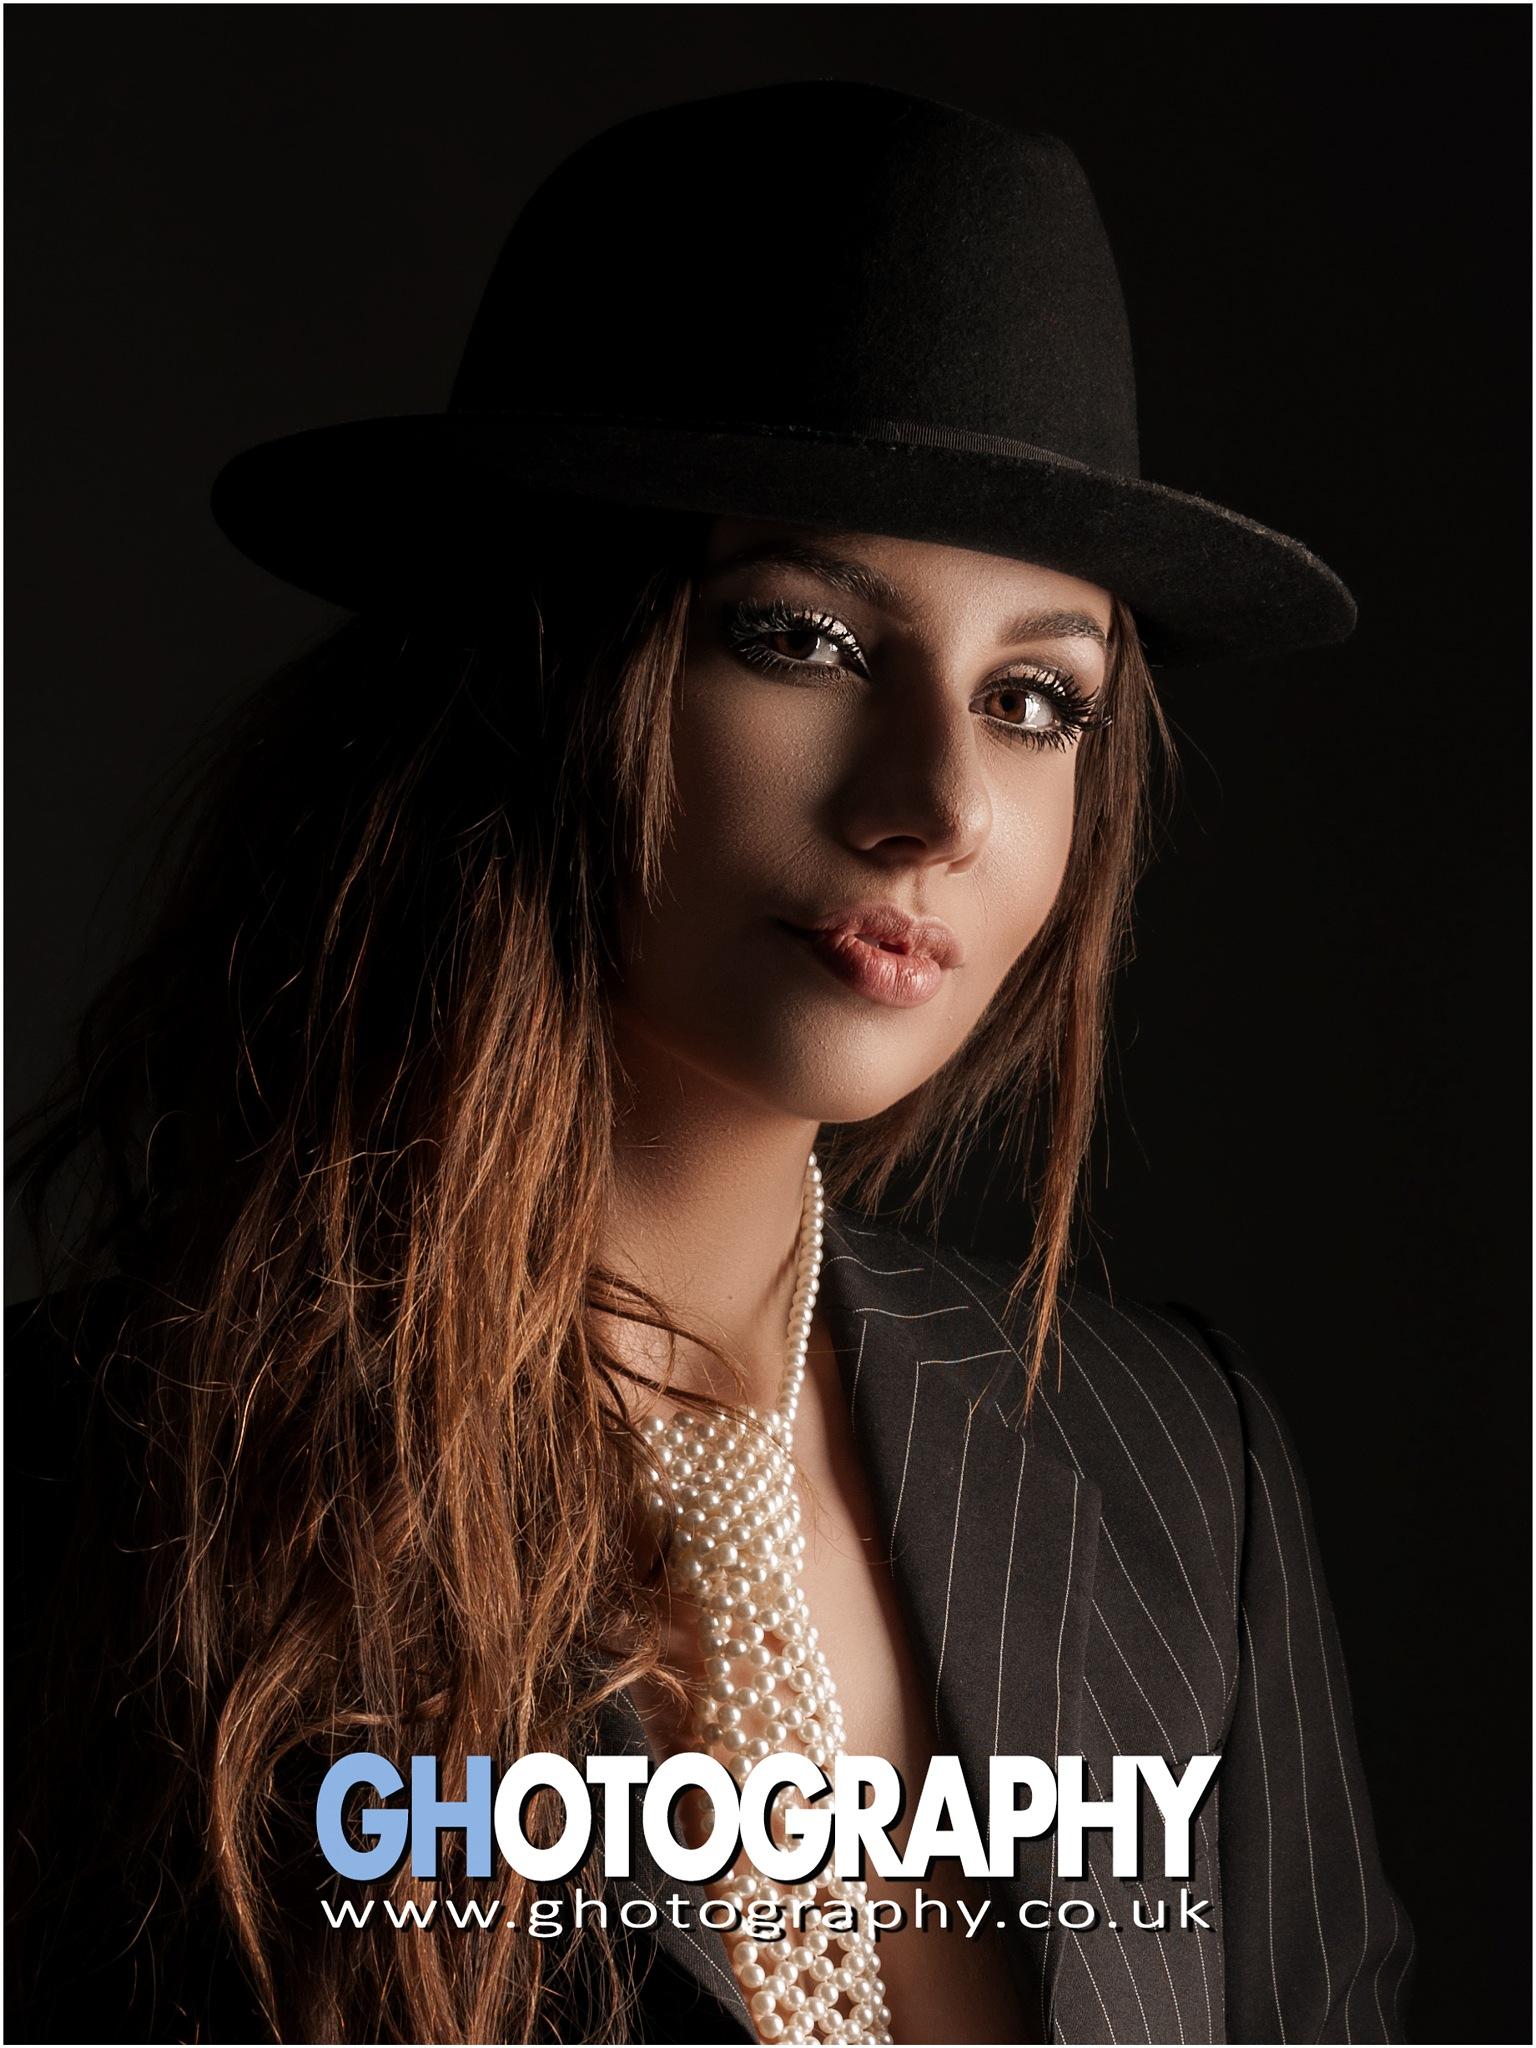 Sasha Stephens by Gary Hurdman